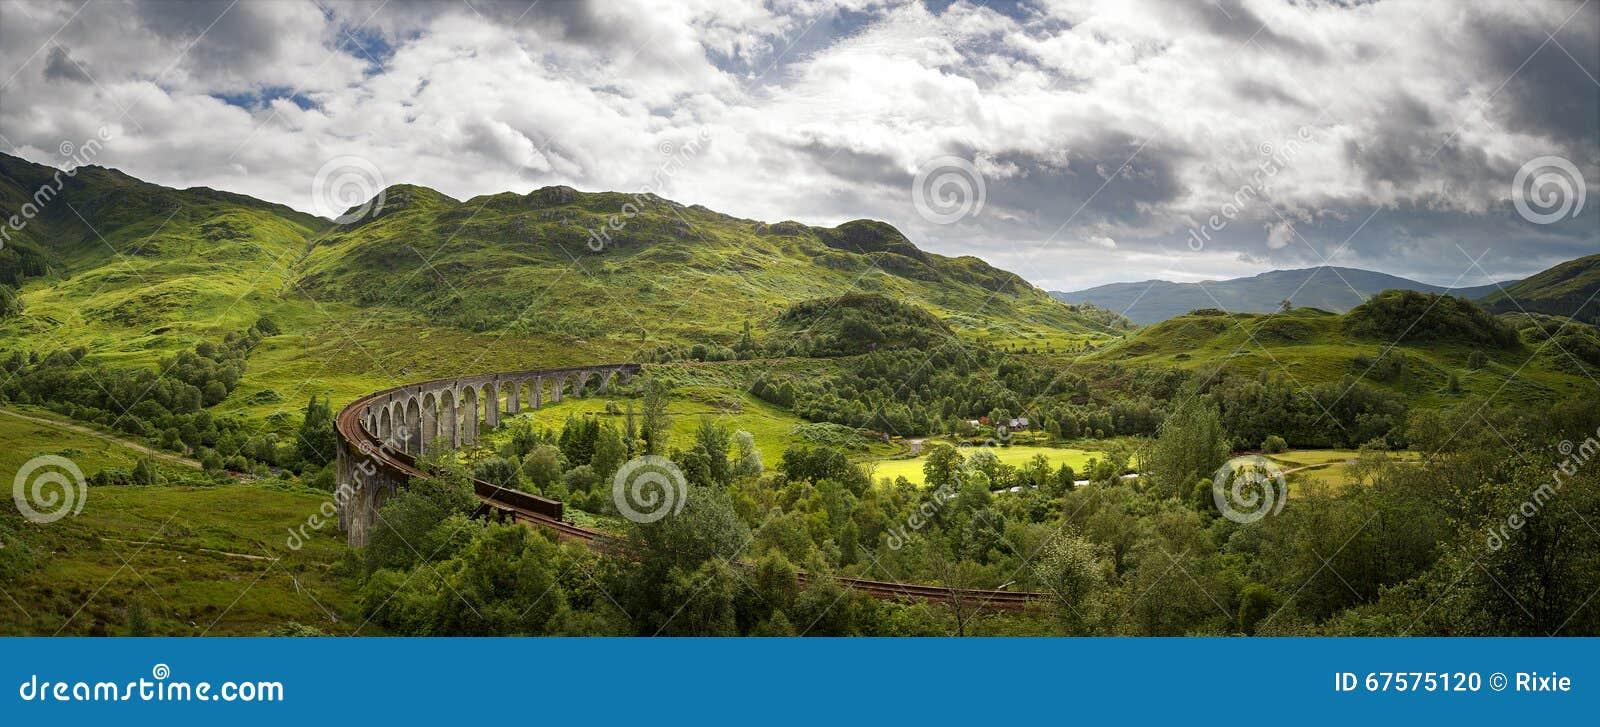 Panorama do viaduto de Glenfinnan